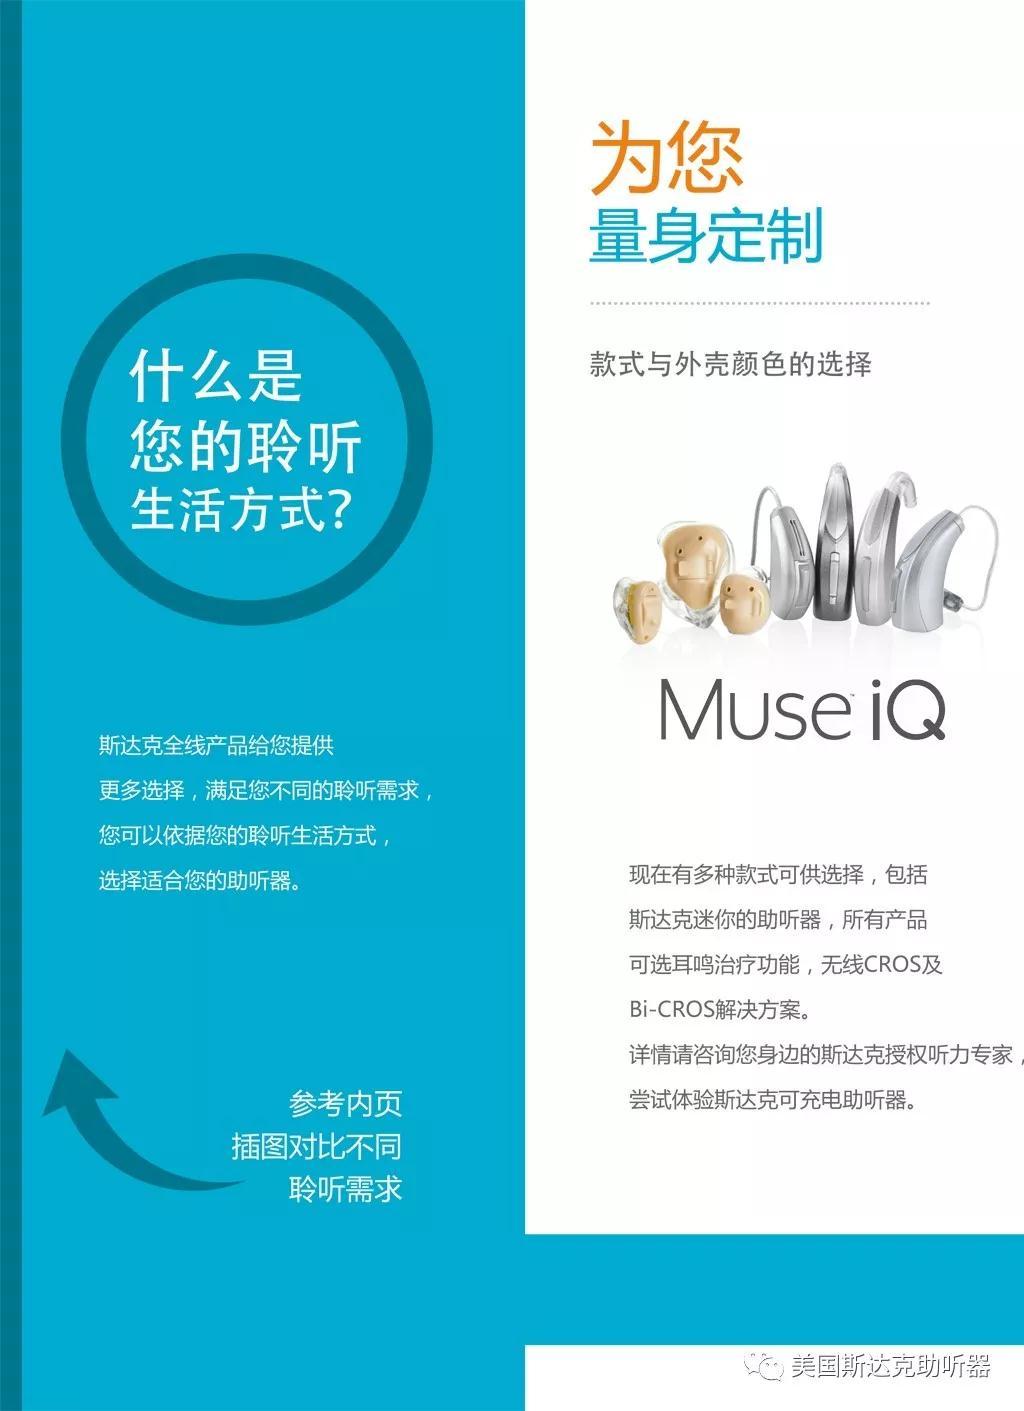 奉节斯达克妙系列(IQ)助听器